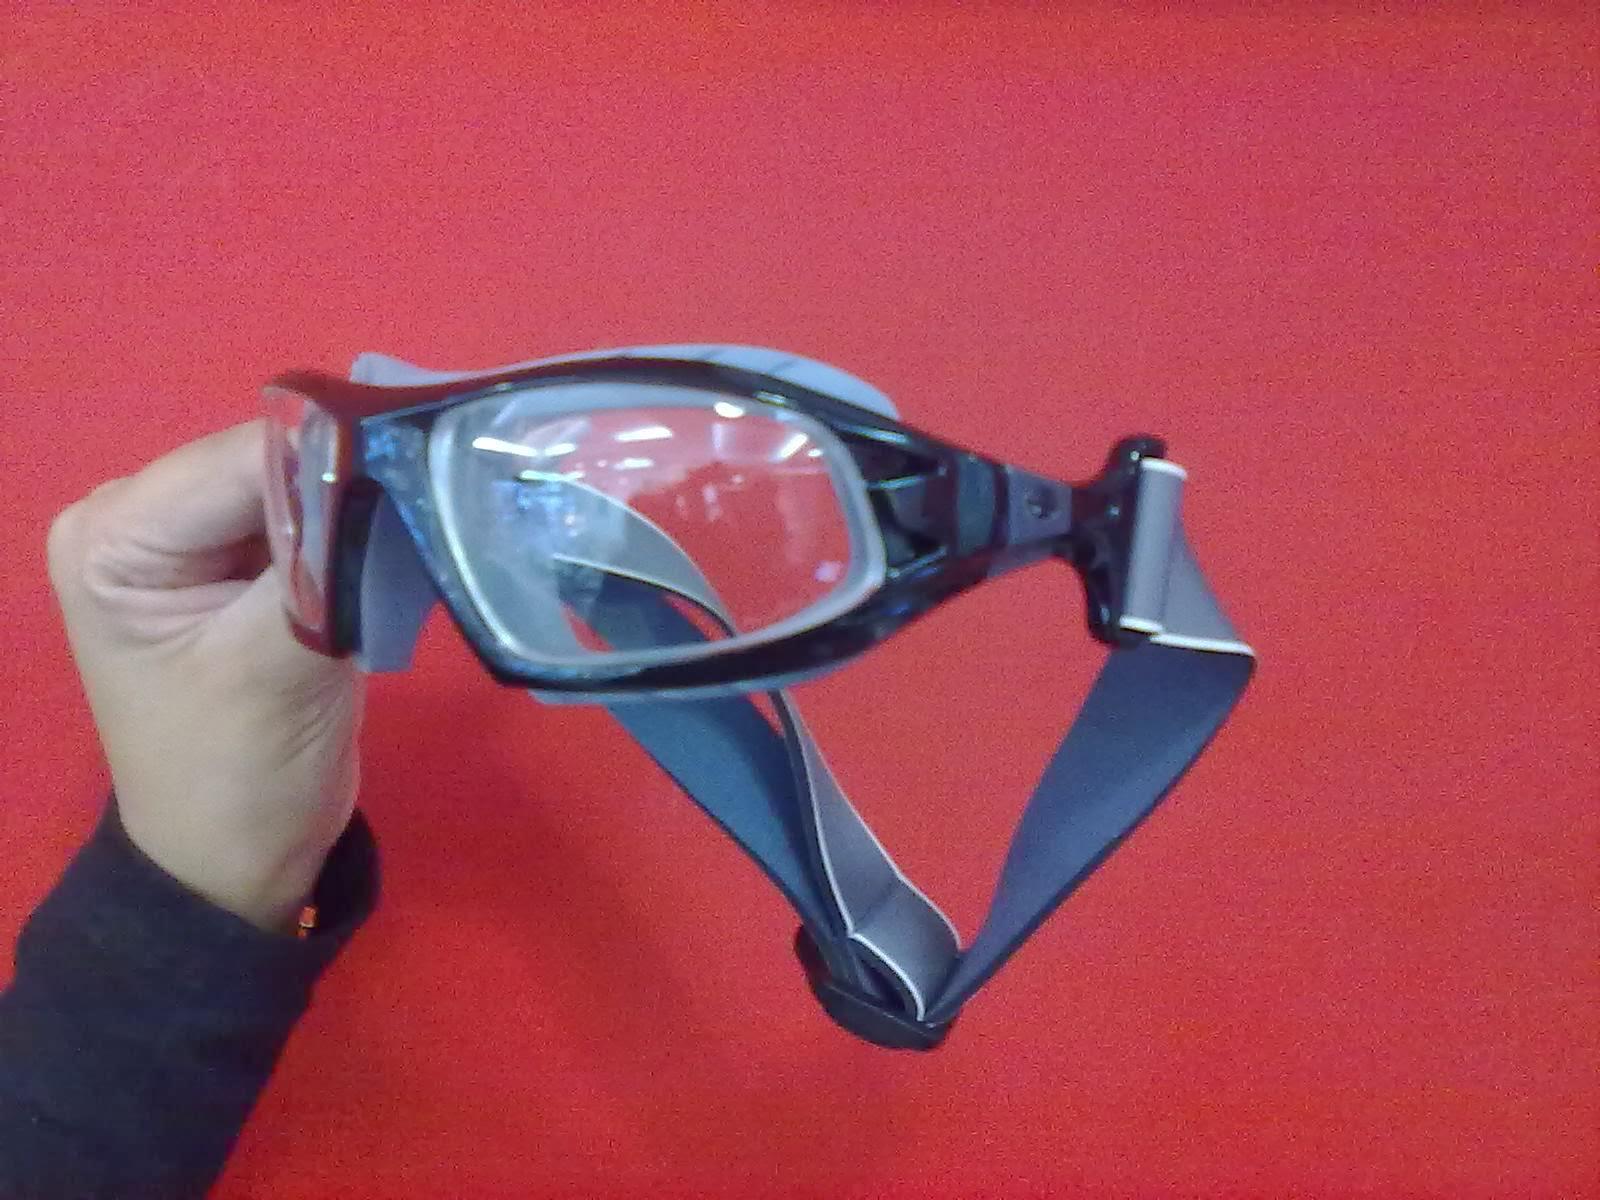 64fbb765f Olá pessoal, hoje vamos mostrar um modelo Mormaii Floater customizado pela  Equipe do site Esporte Visão, este modelo possui uma graduação de miopia  (-3,00) ...